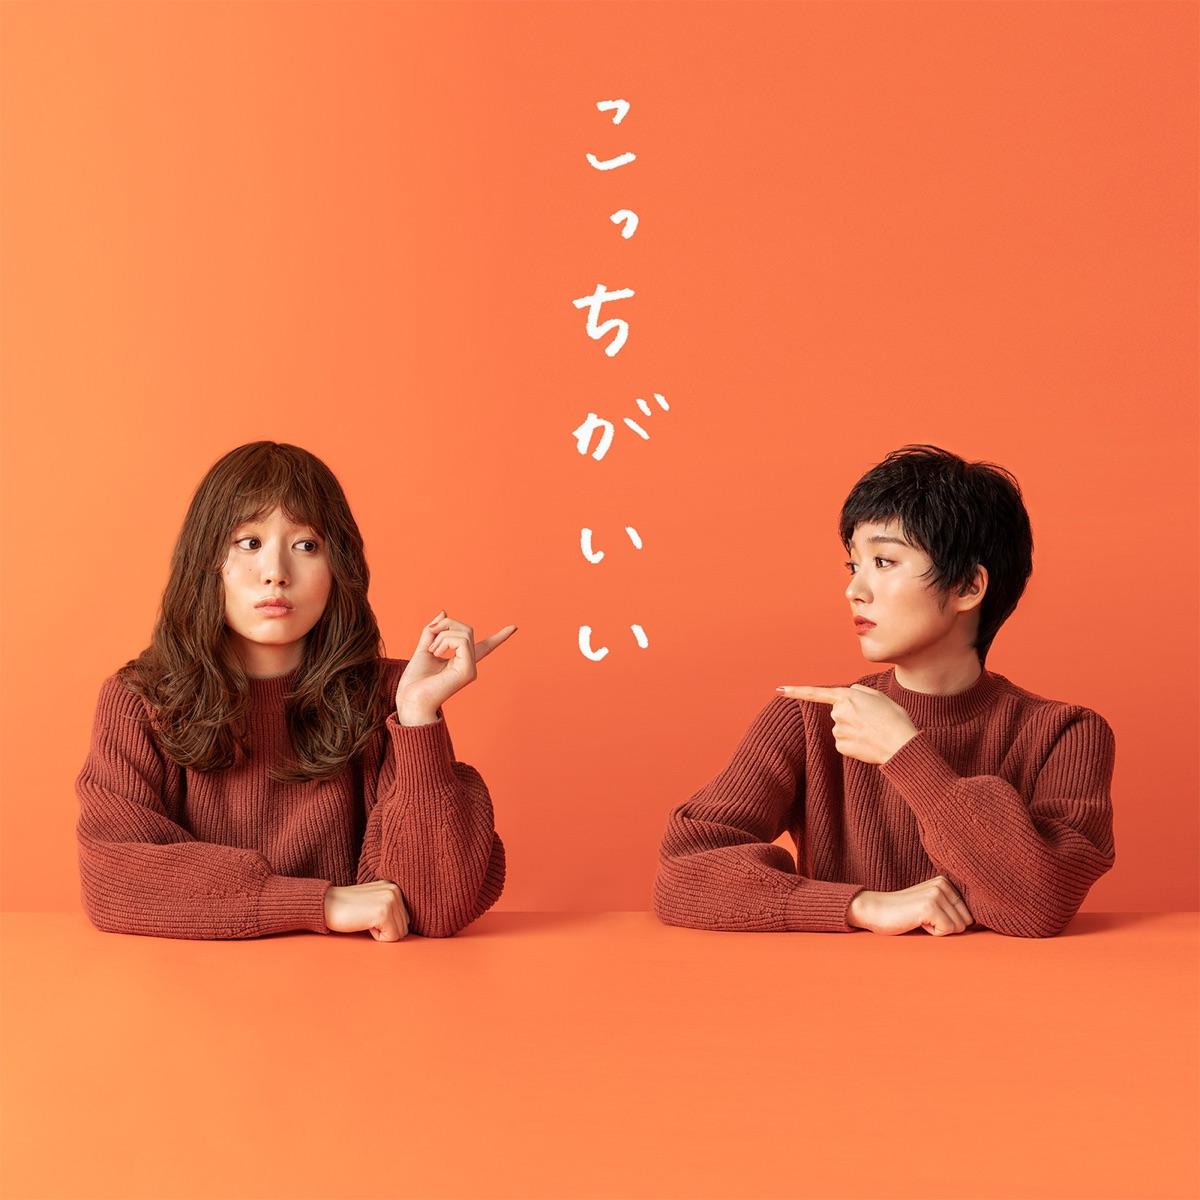 『杏沙子 こっちがいい 歌詞』収録の『こっちがいい』ジャケット